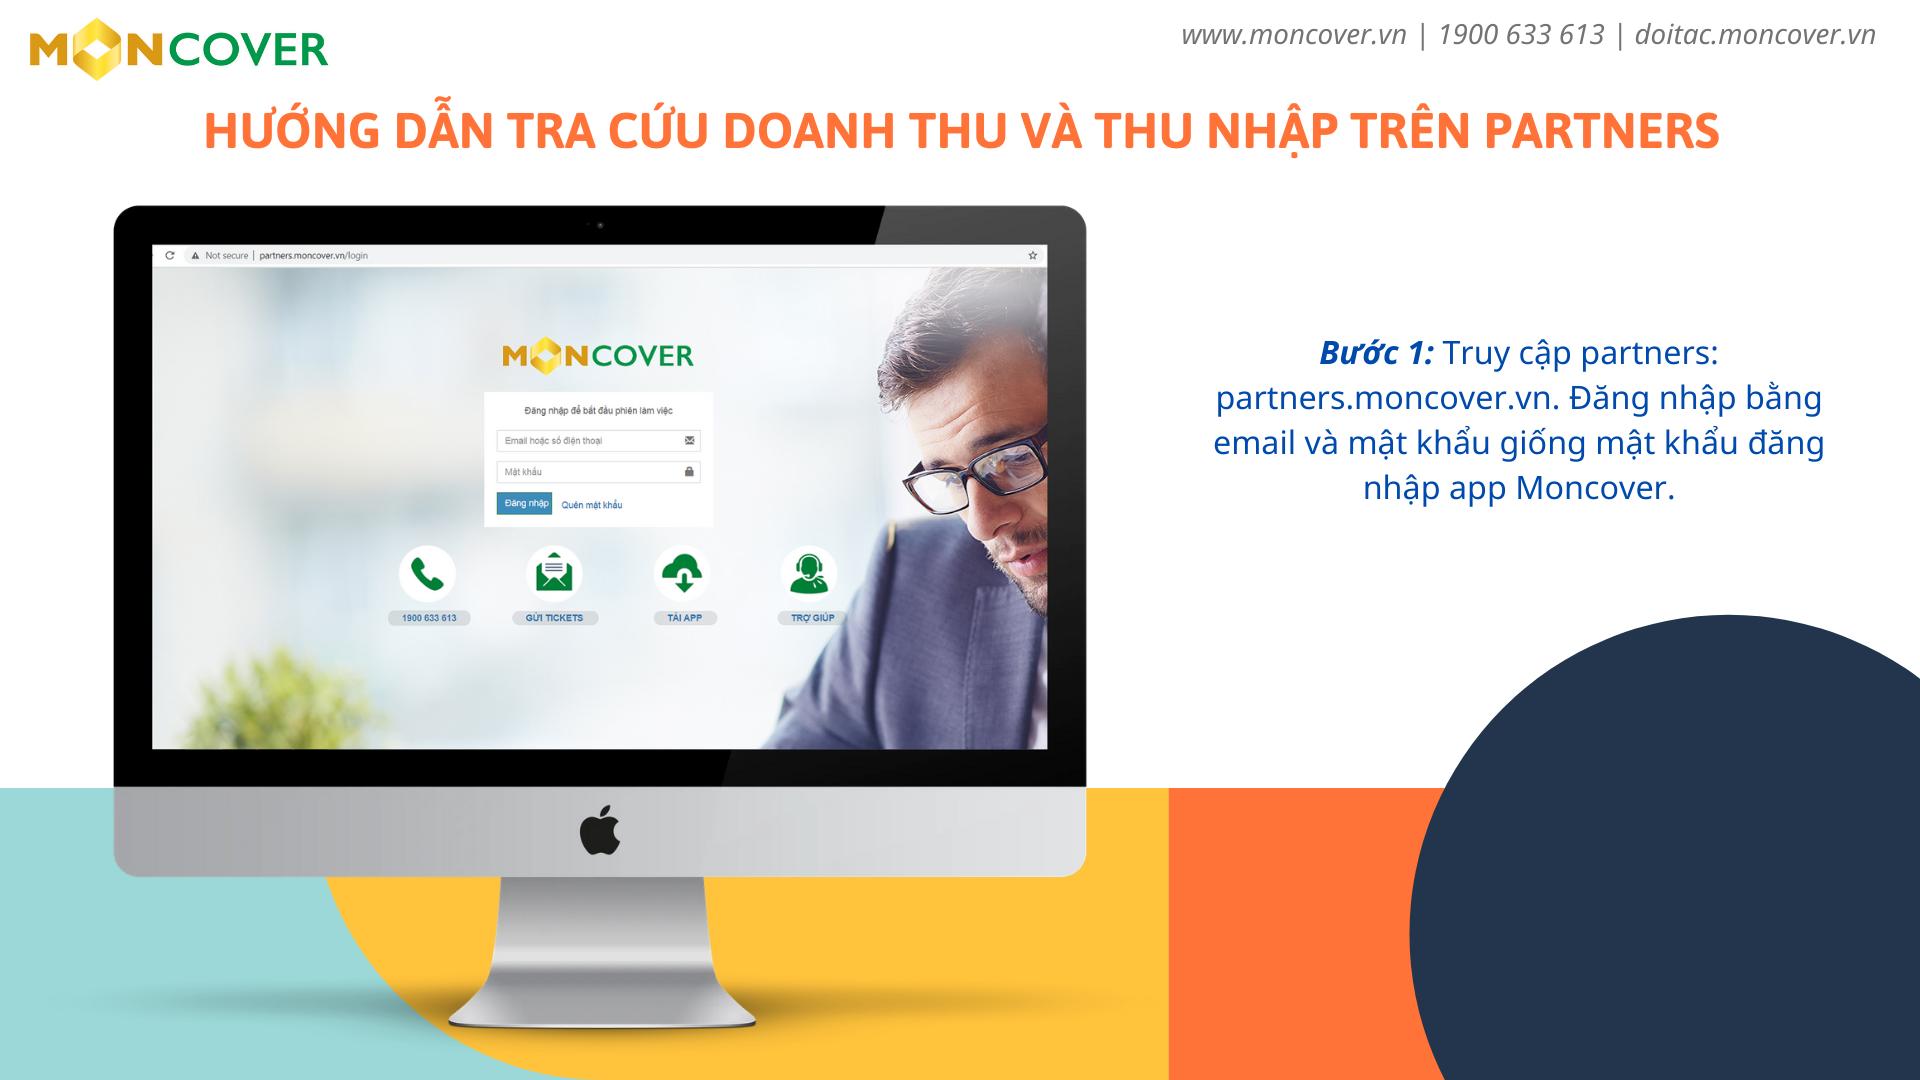 Hướng dẫn tra cứu doanh thu và thu nhập trên app Moncover và partners